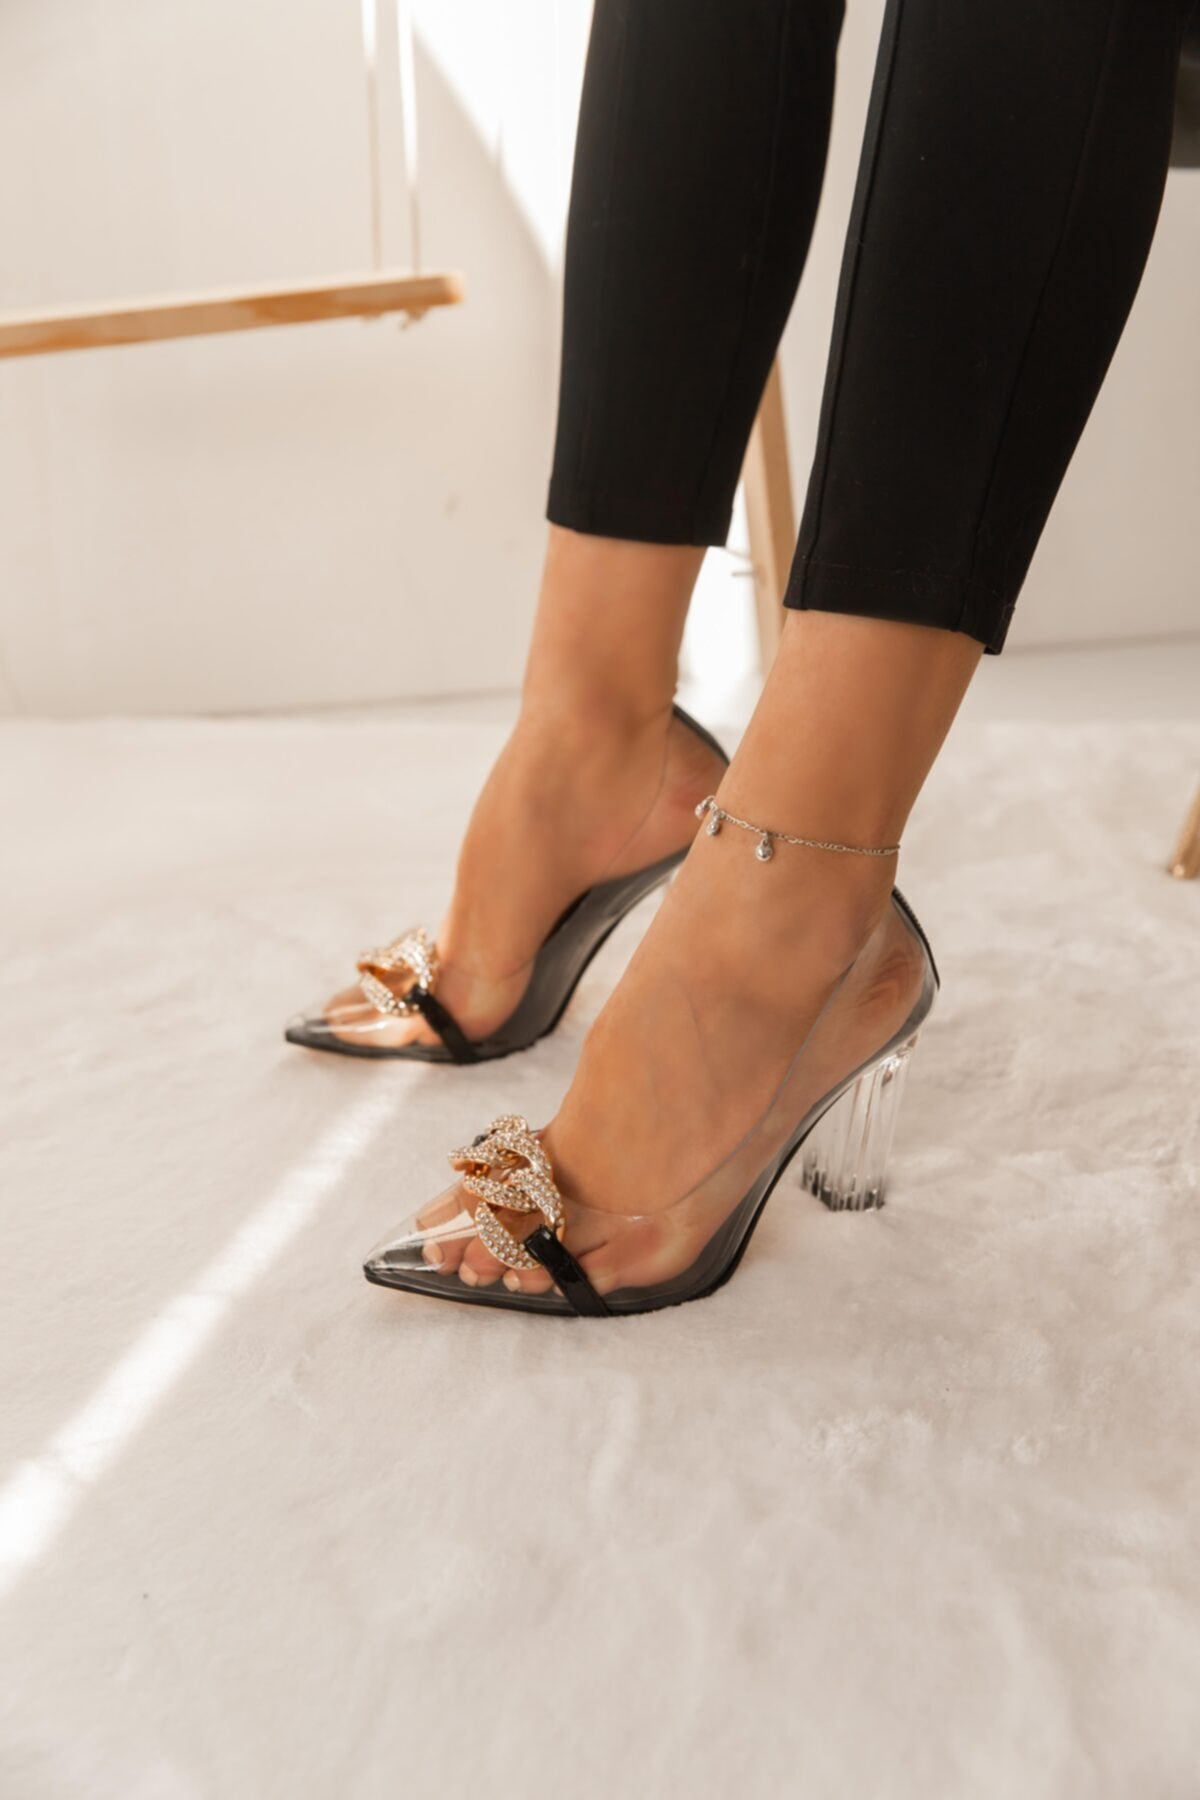 Lima Kadın Siyah Zincirli Topuklu Ayakkabı